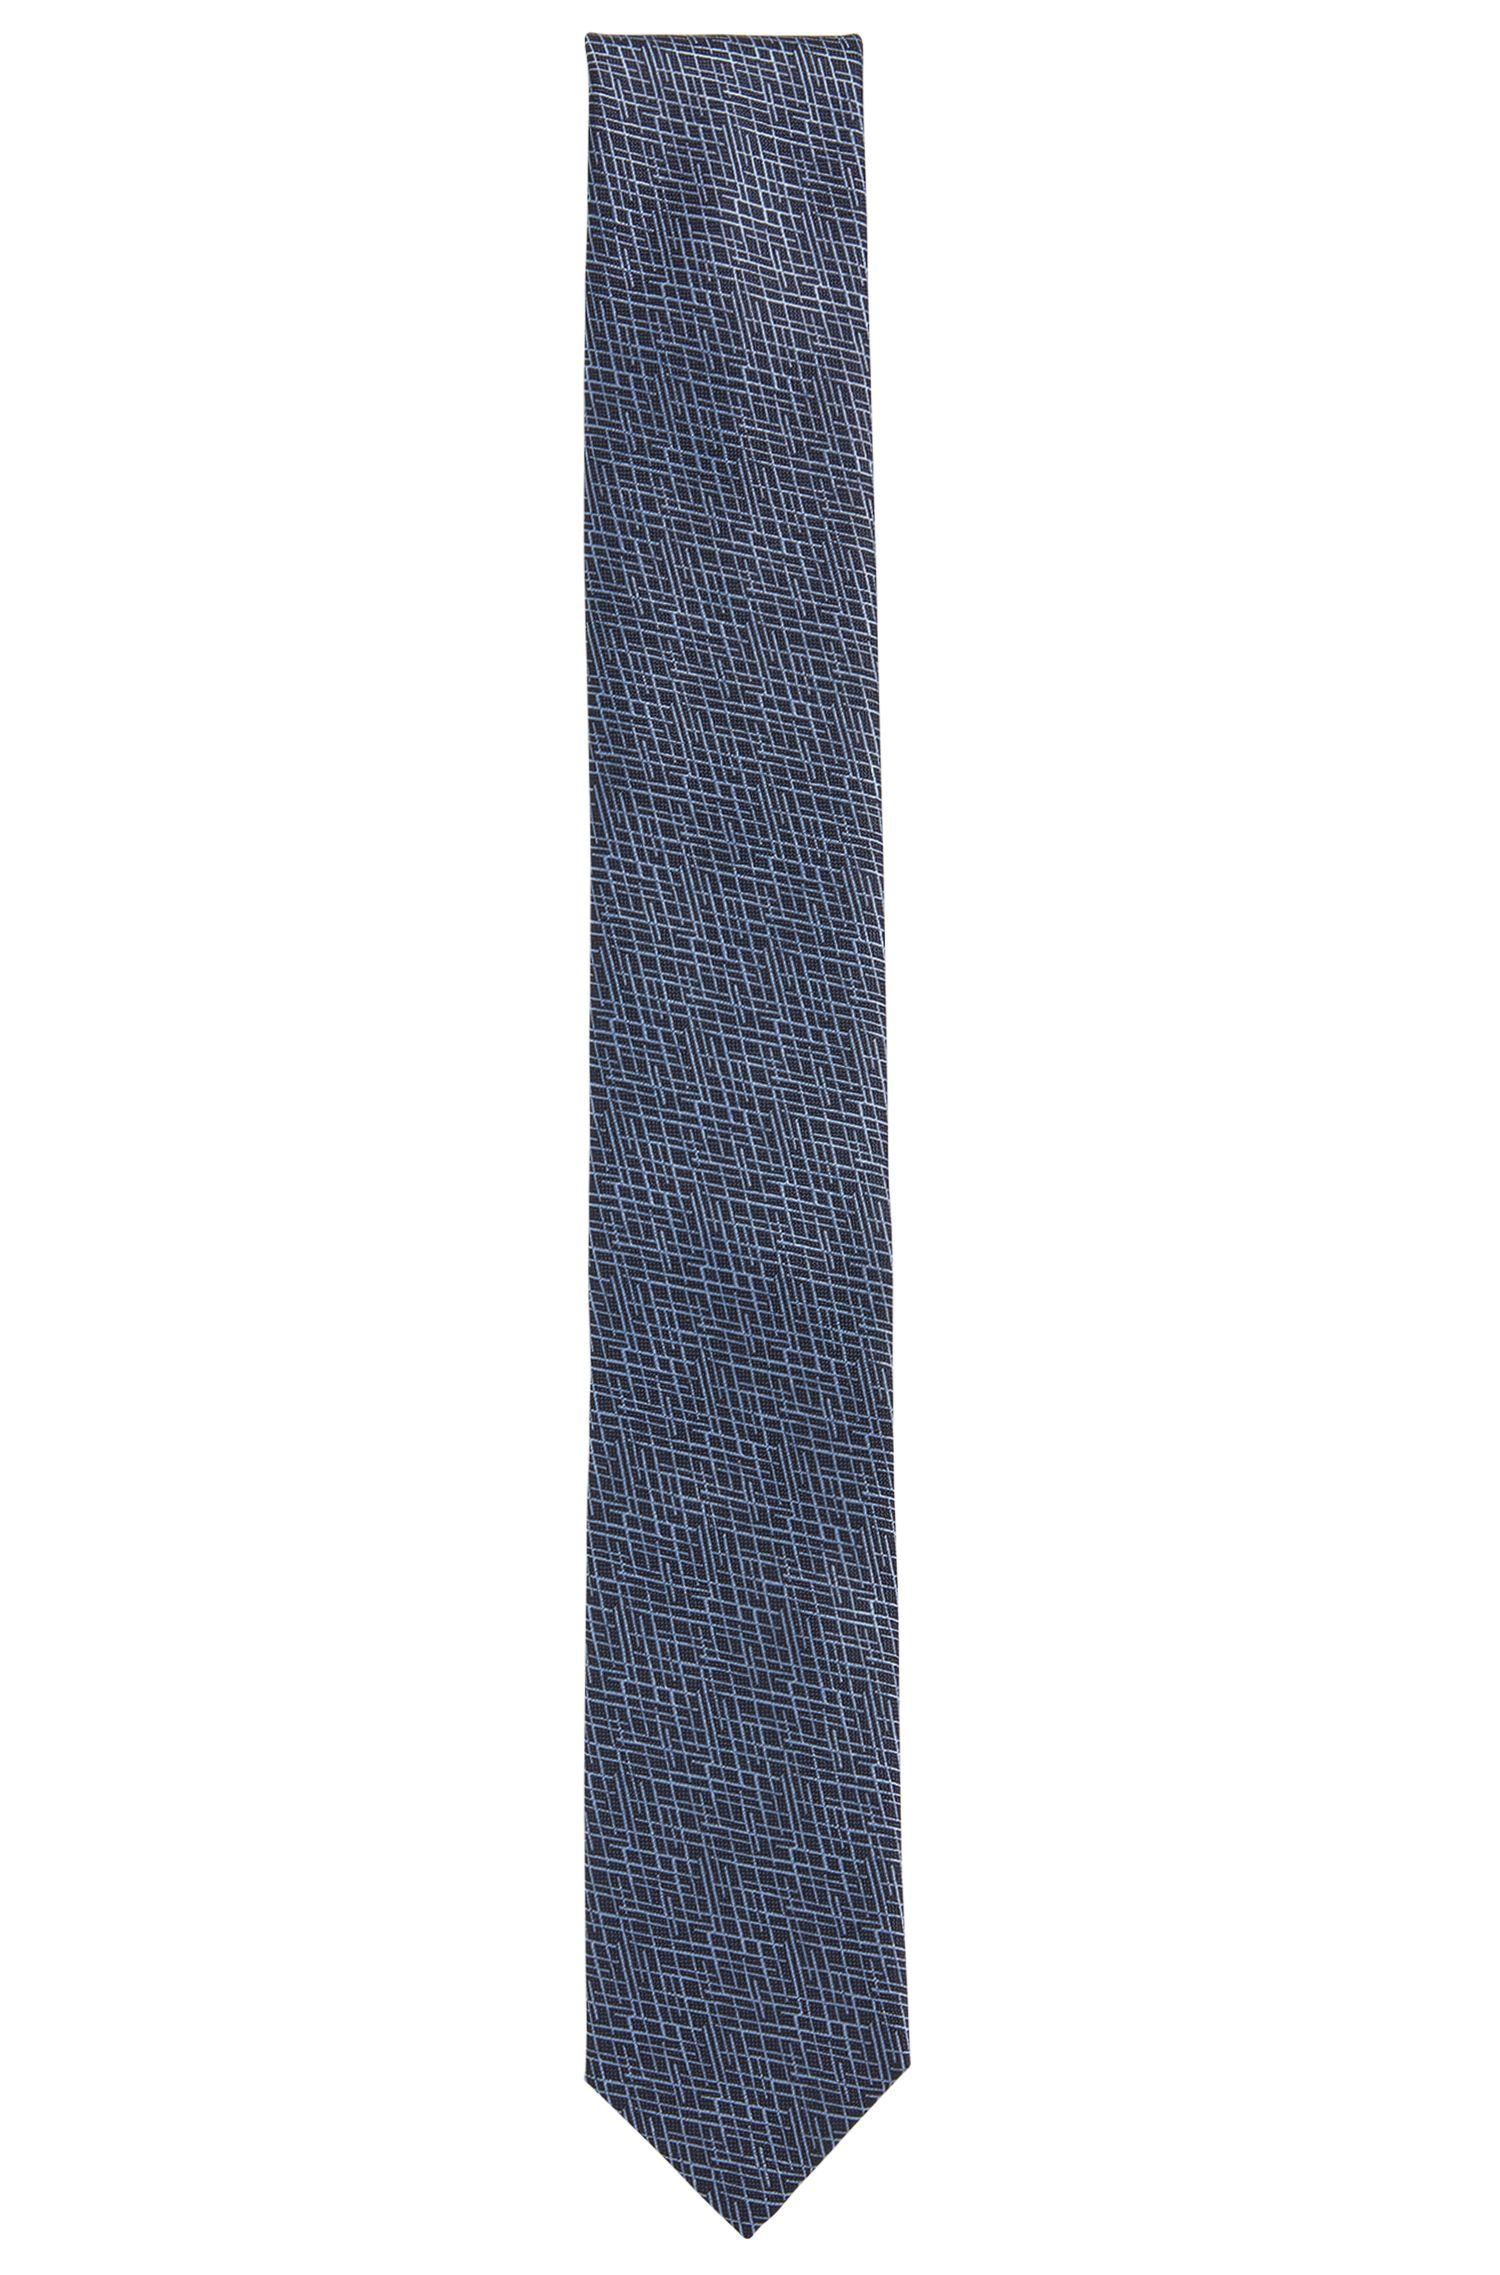 Cravatta jacquard in seta con microdisegni astratti